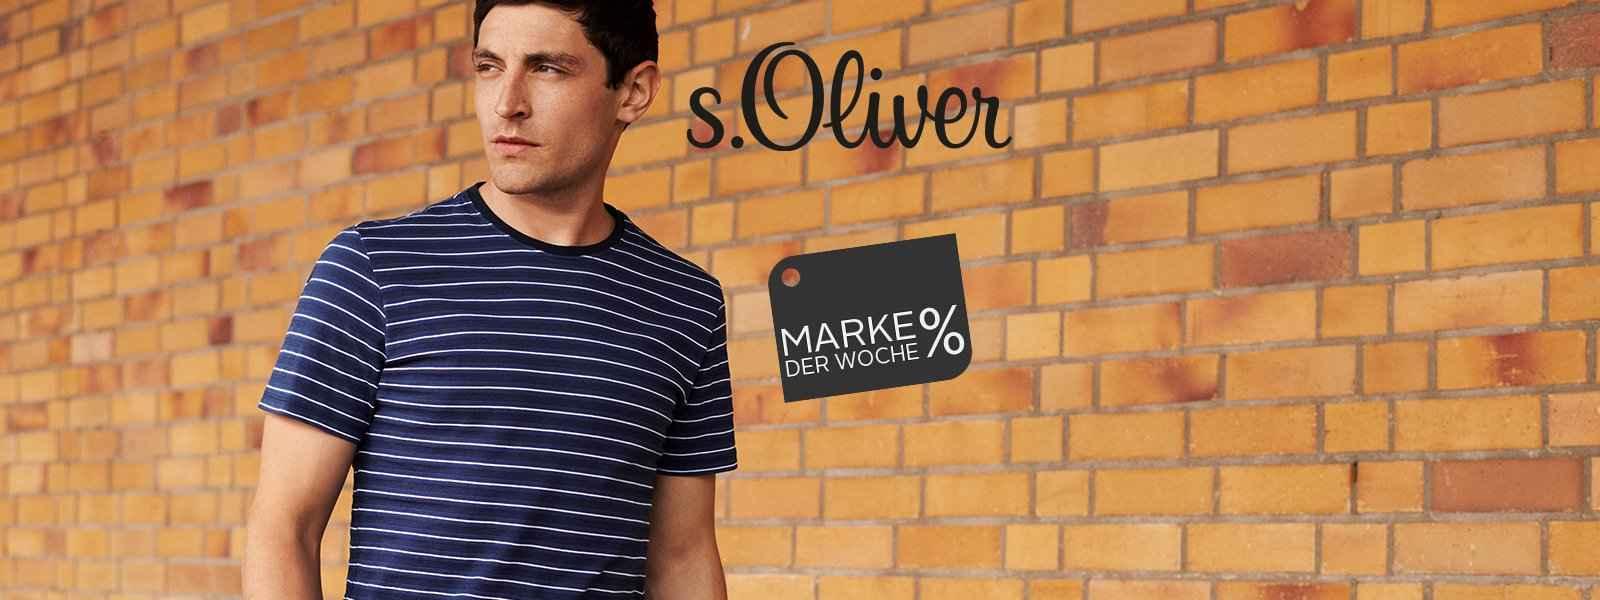 Marke der Woche: s.Oliver